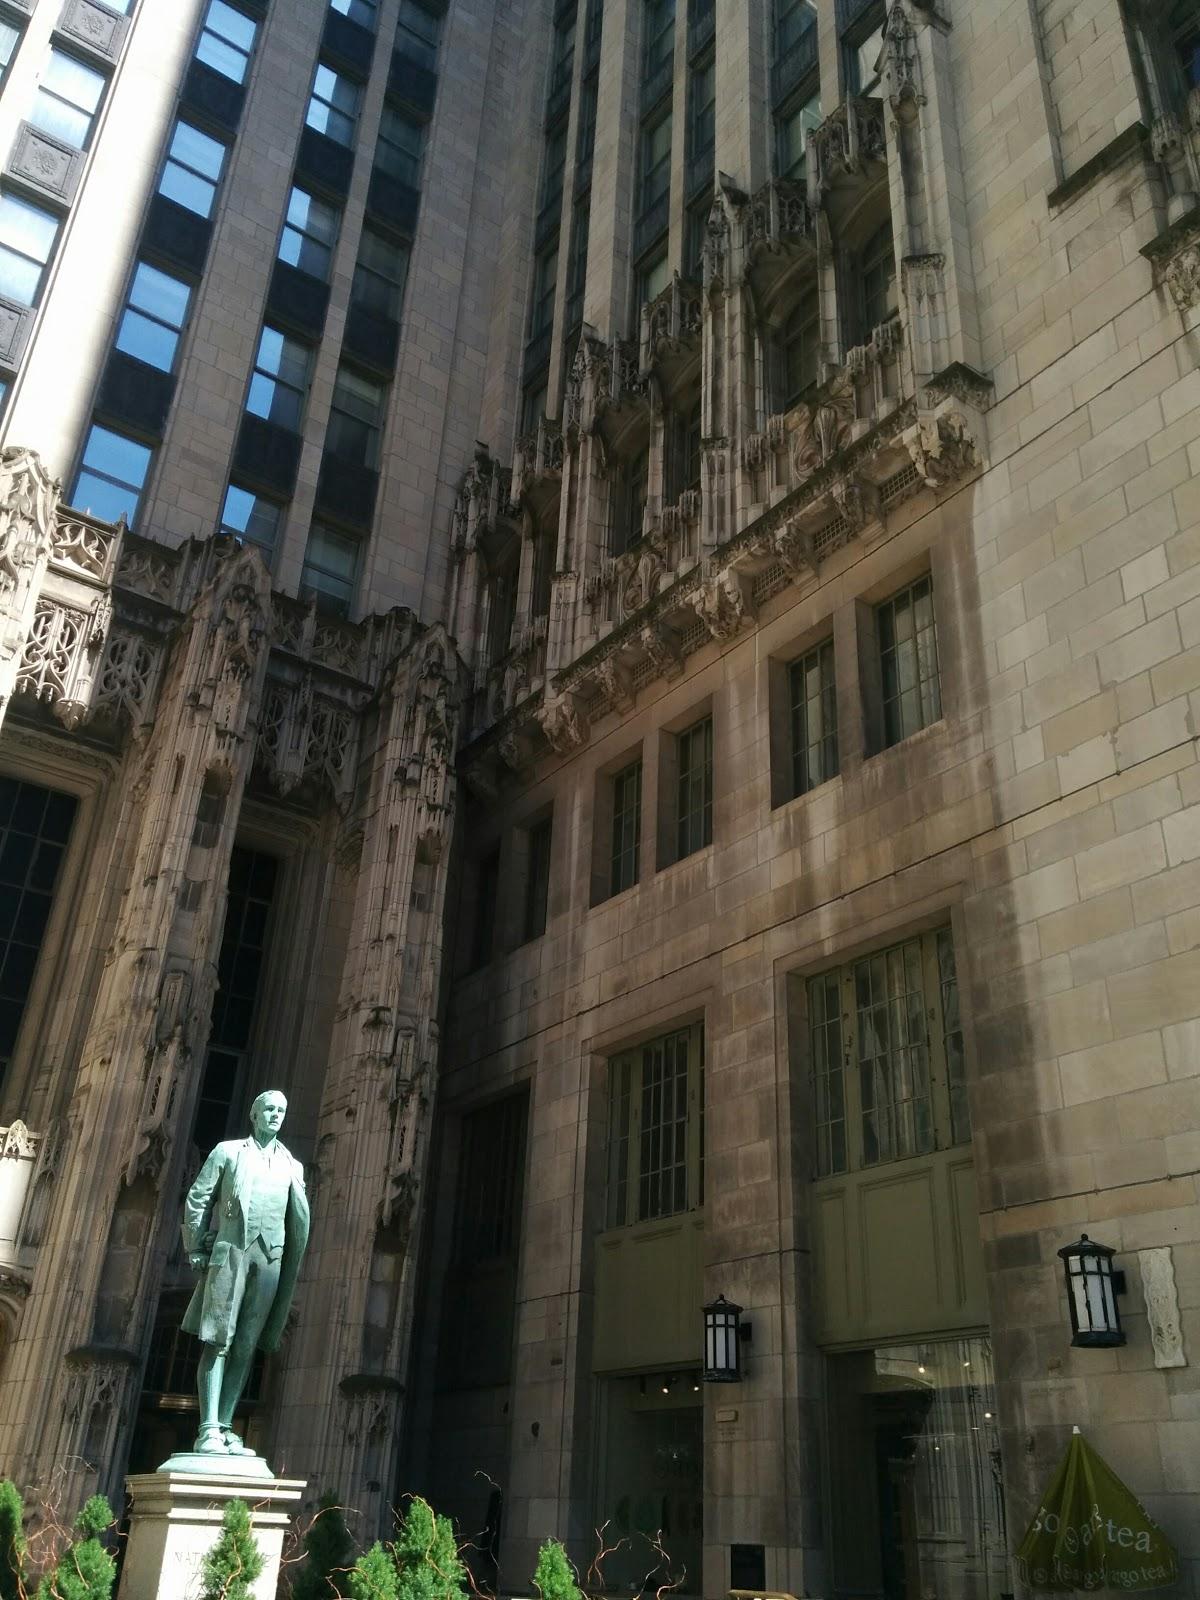 Chicago Tribune Tower - Hood & Howells